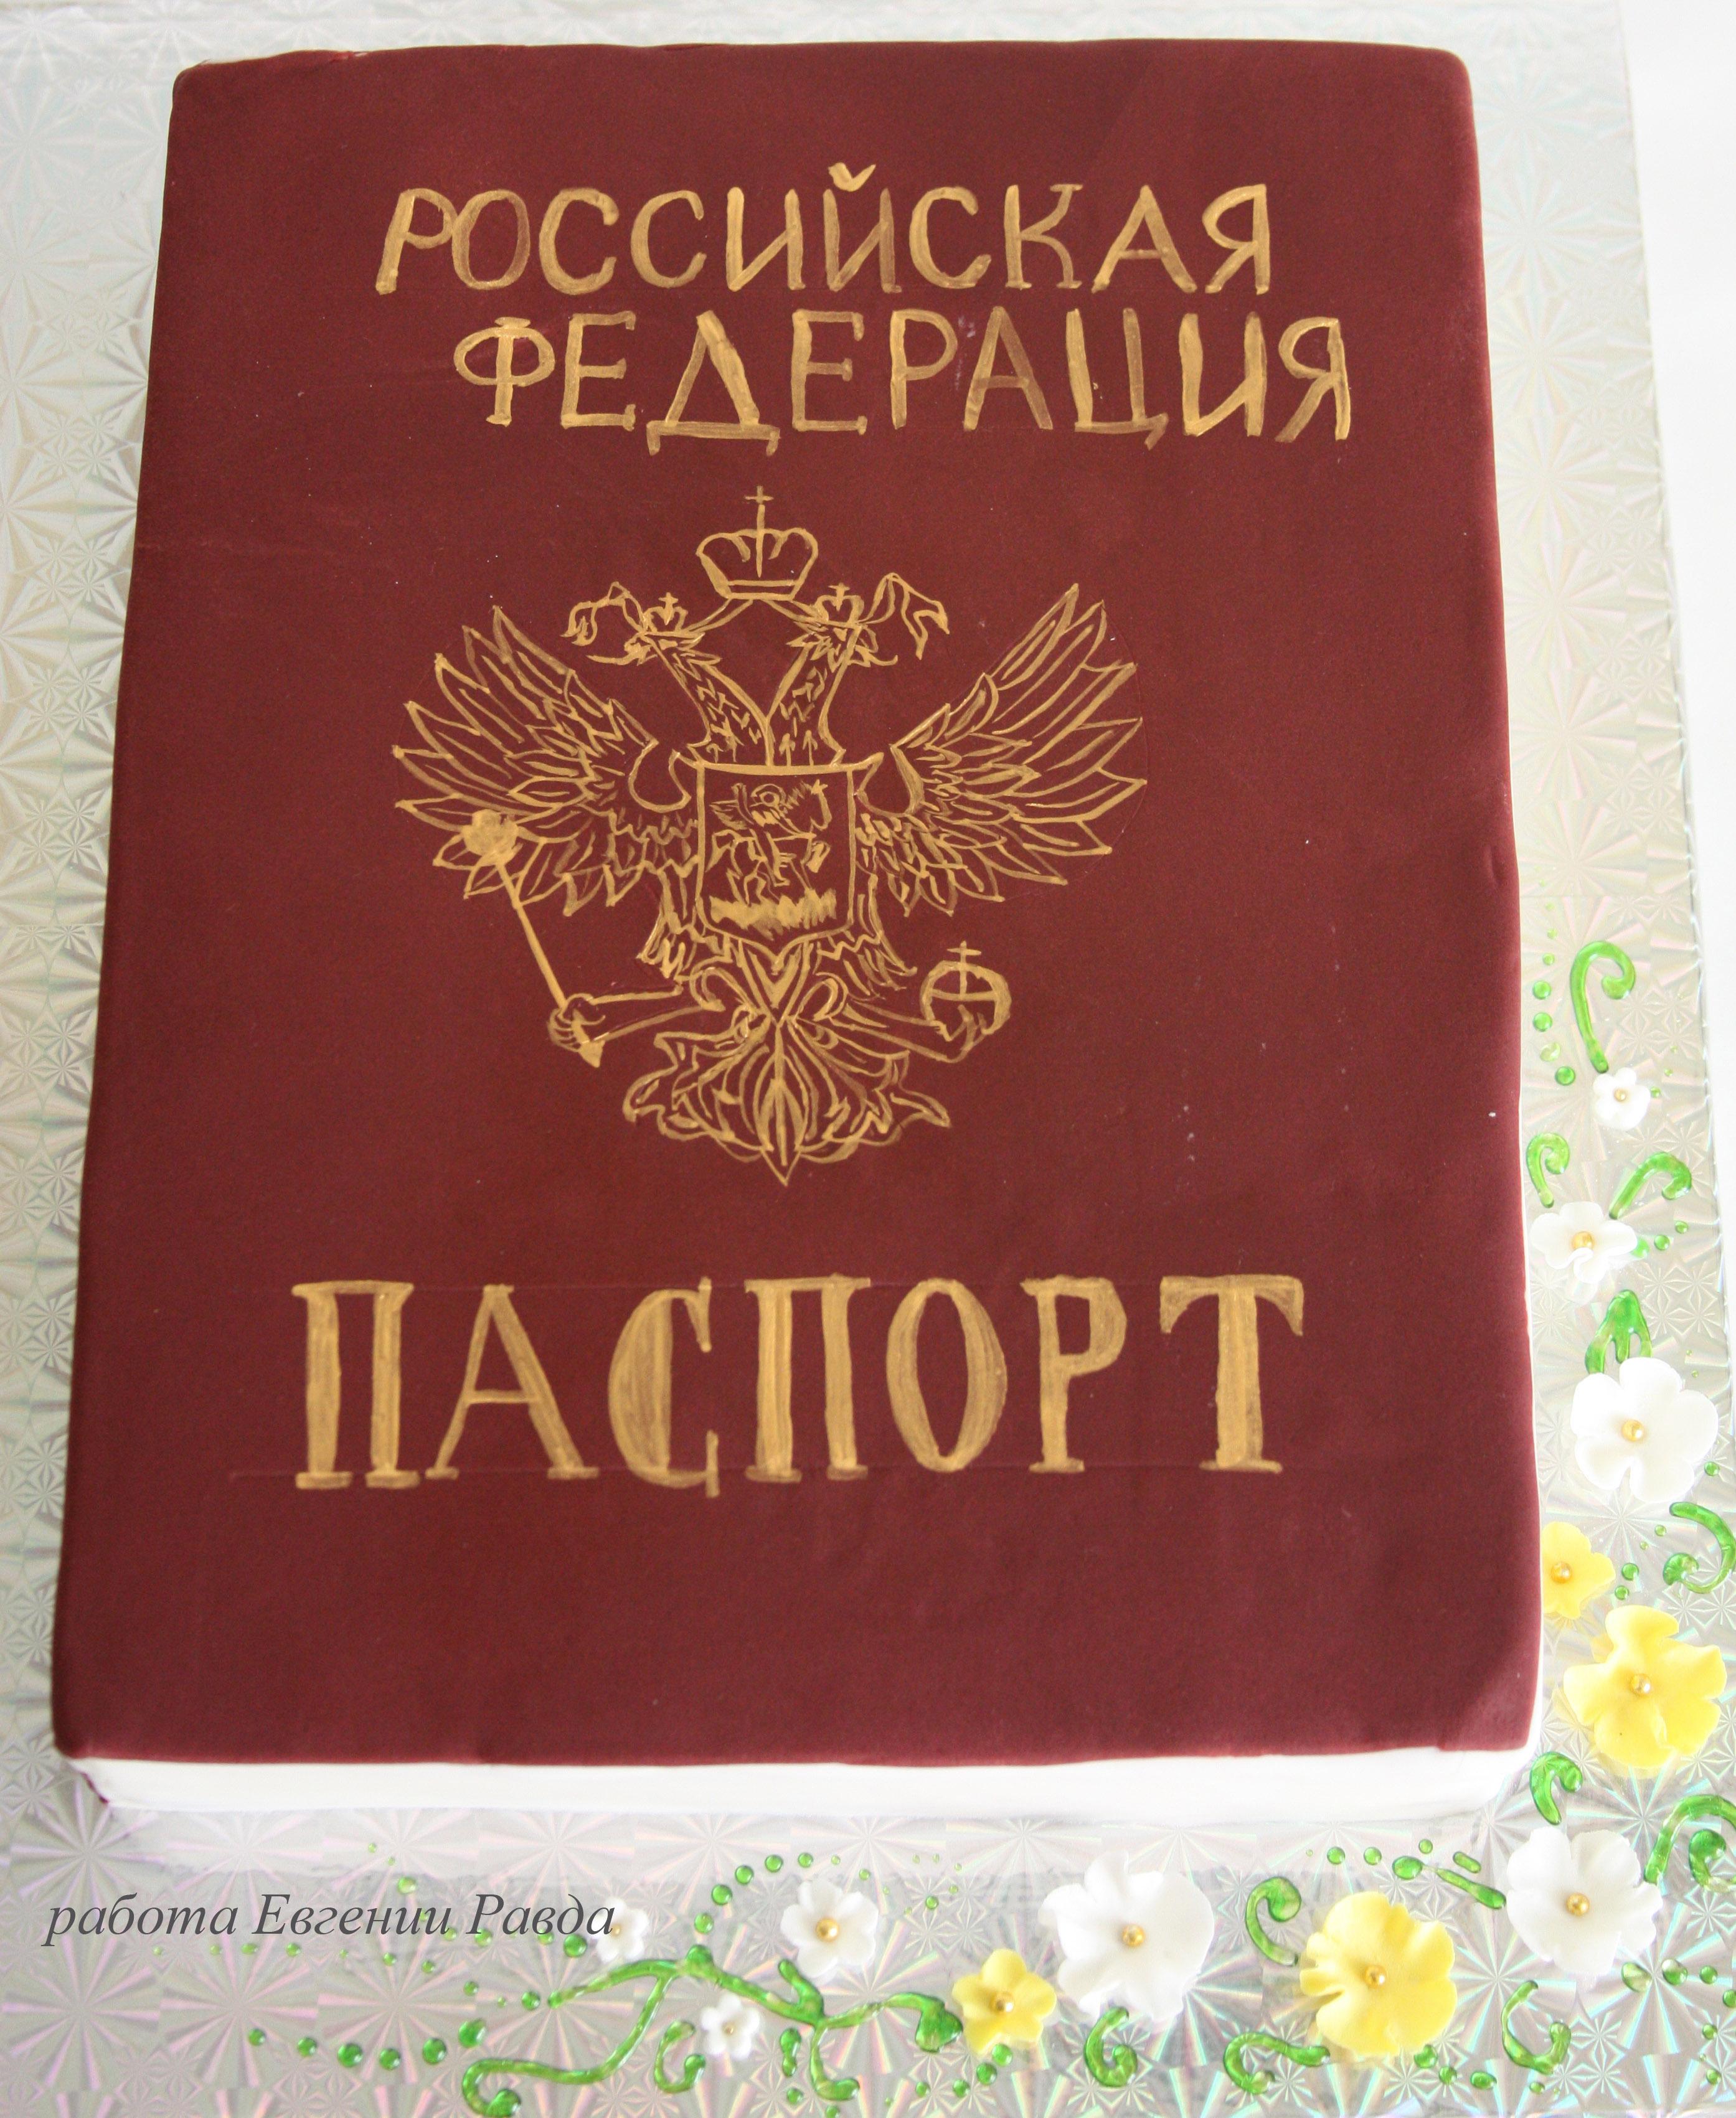 Прикольные поздравления получение паспорта